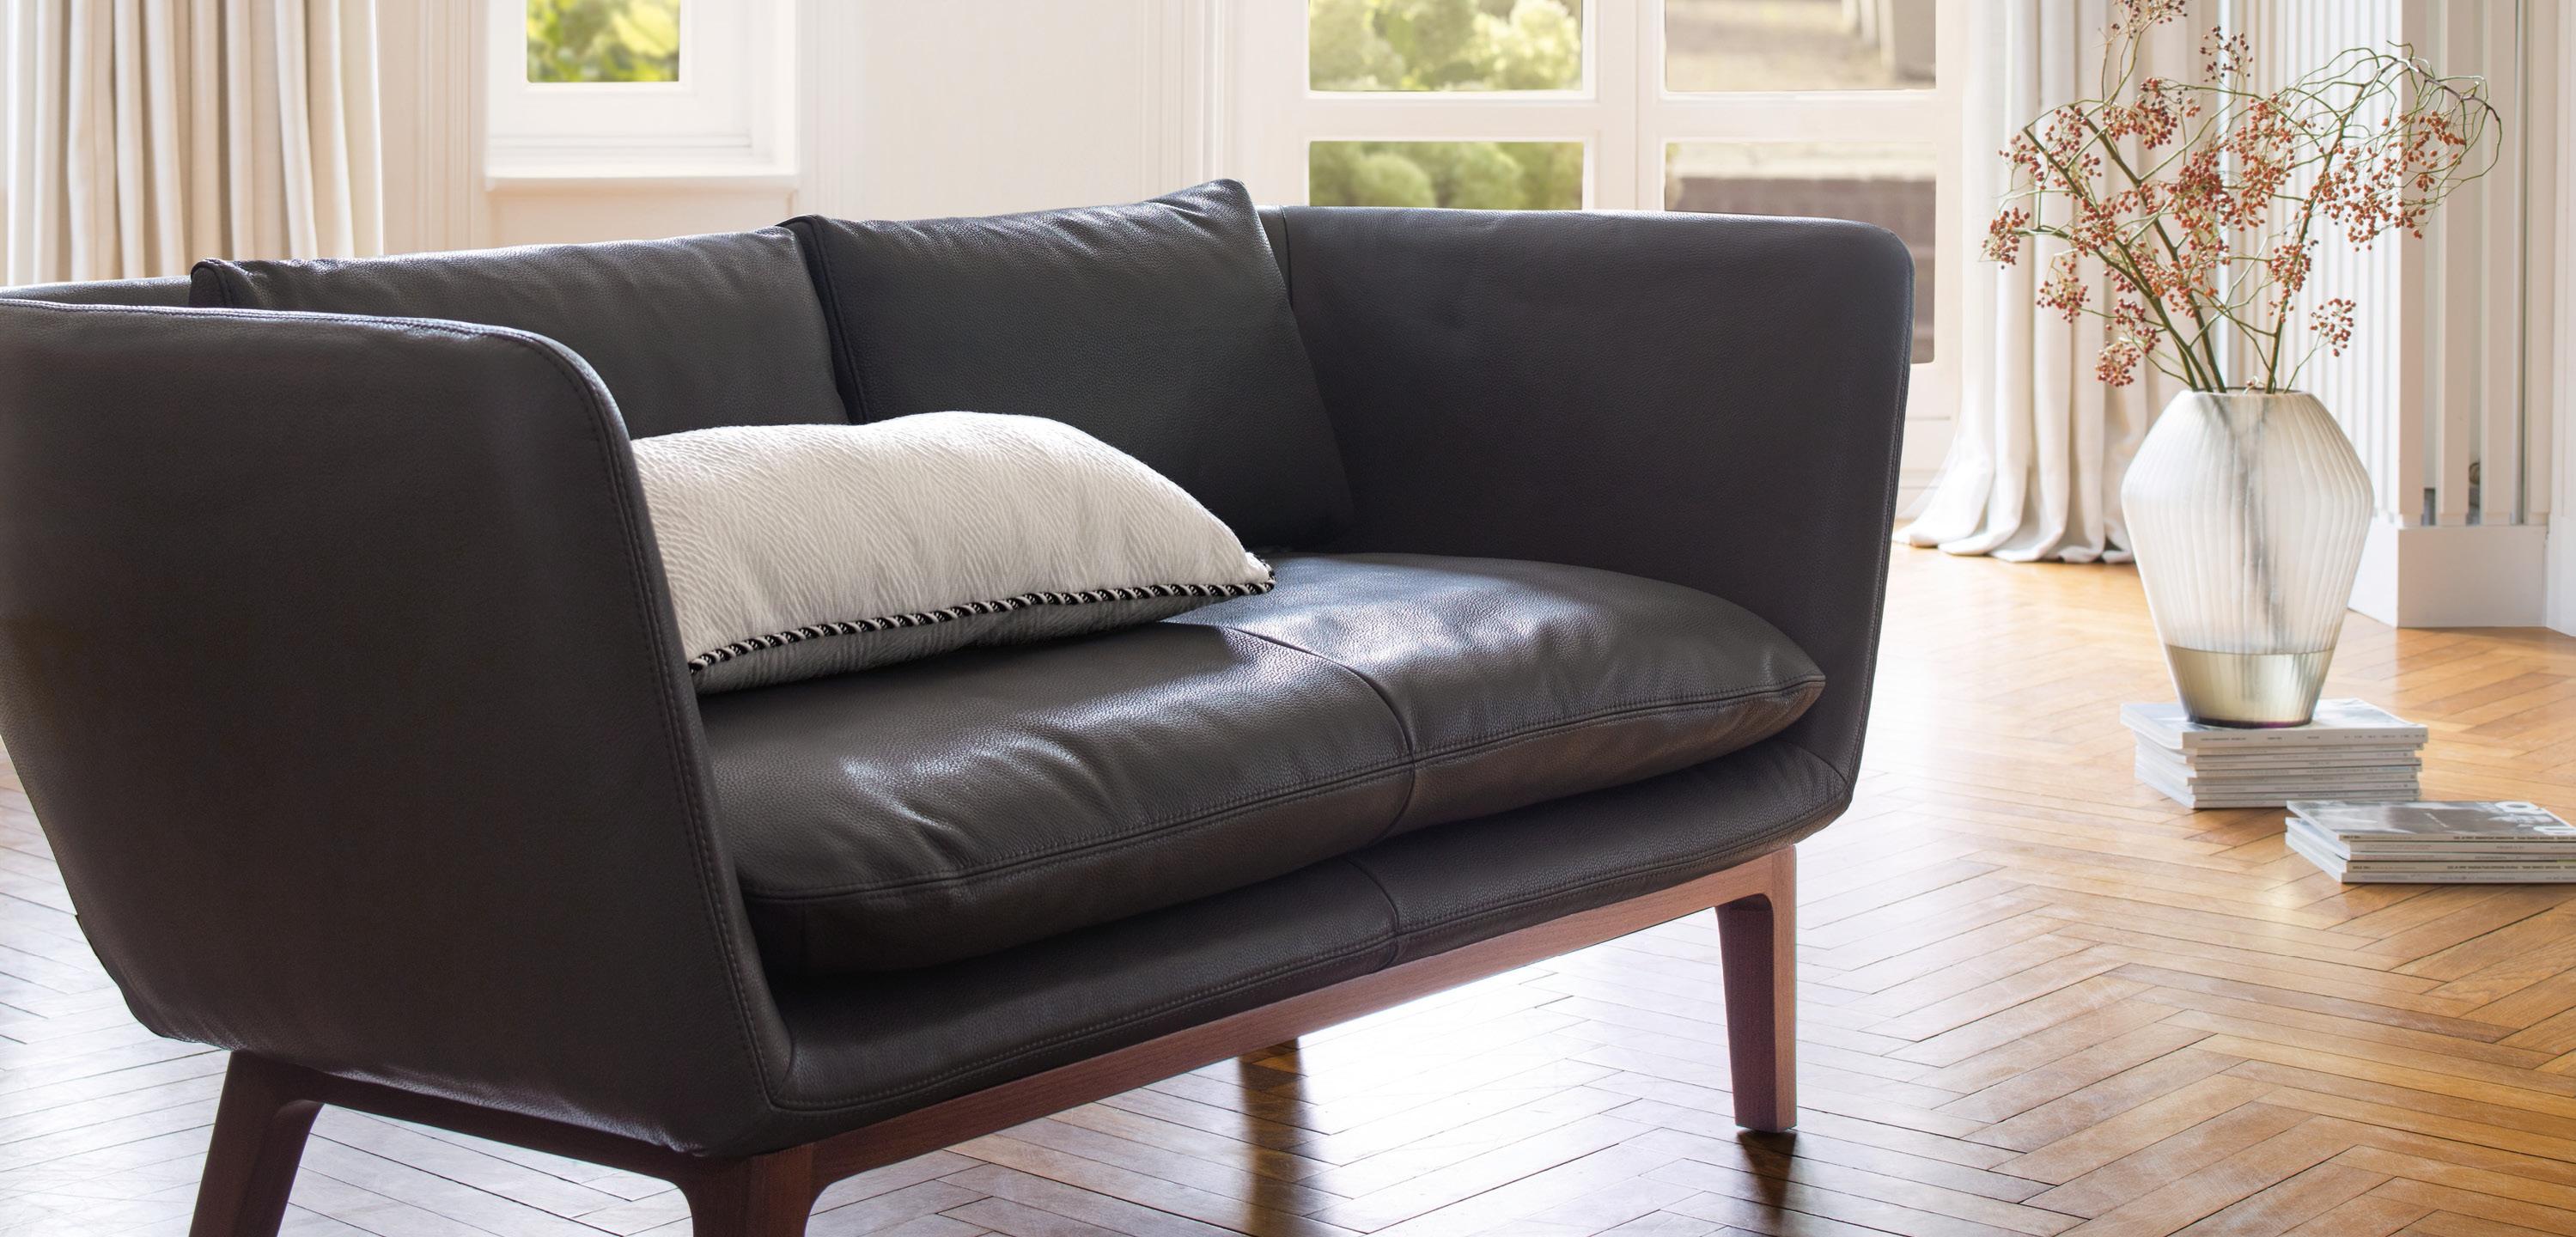 lederm bel garpa. Black Bedroom Furniture Sets. Home Design Ideas